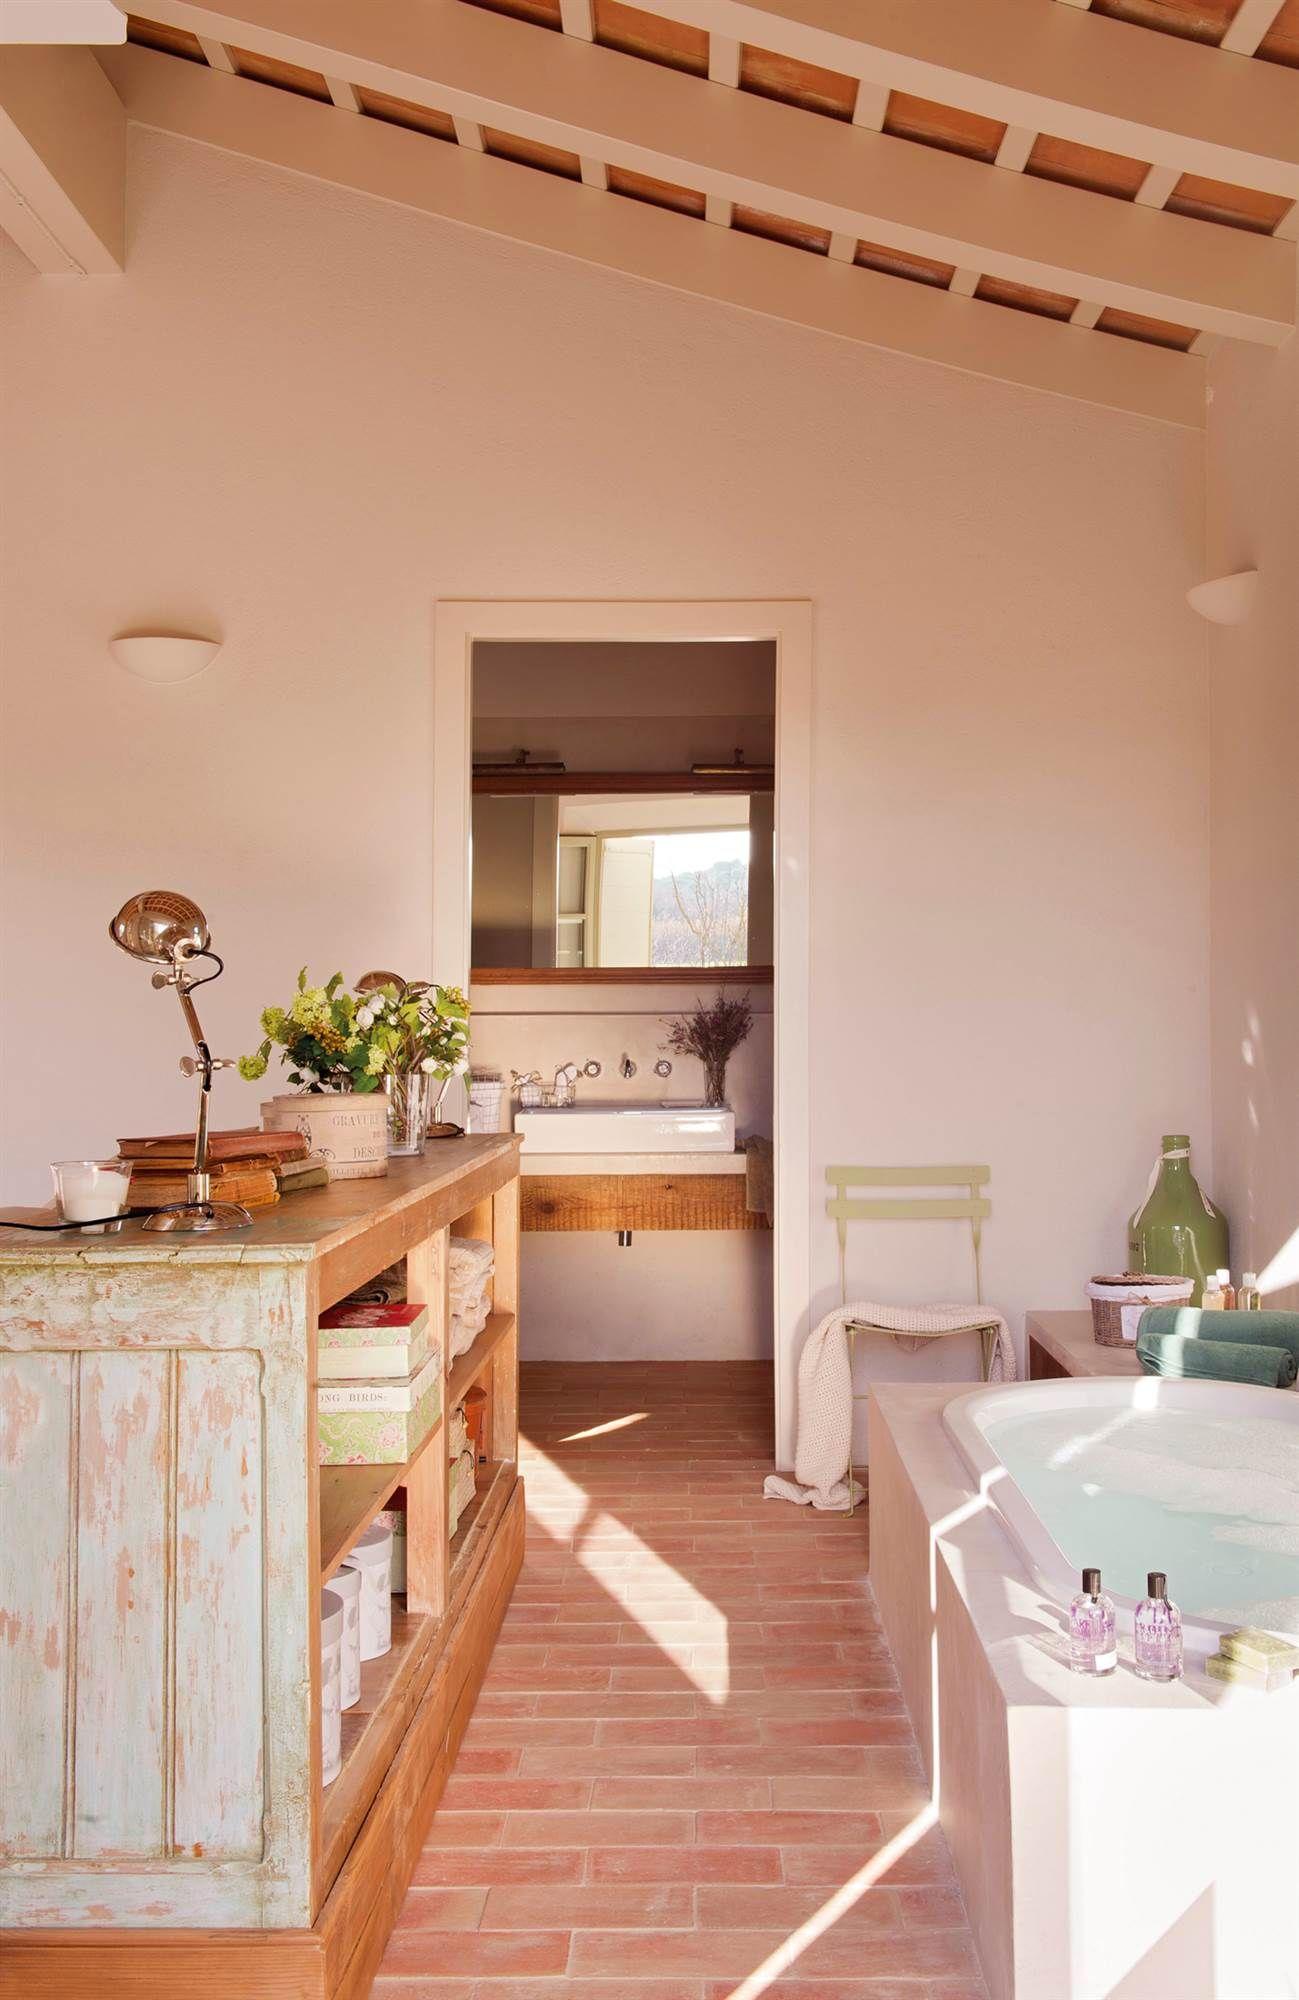 Muebles Vers Tiles Con Doble Funci N Ideales Para Espacios  # Muebles Pequenos Para Banos